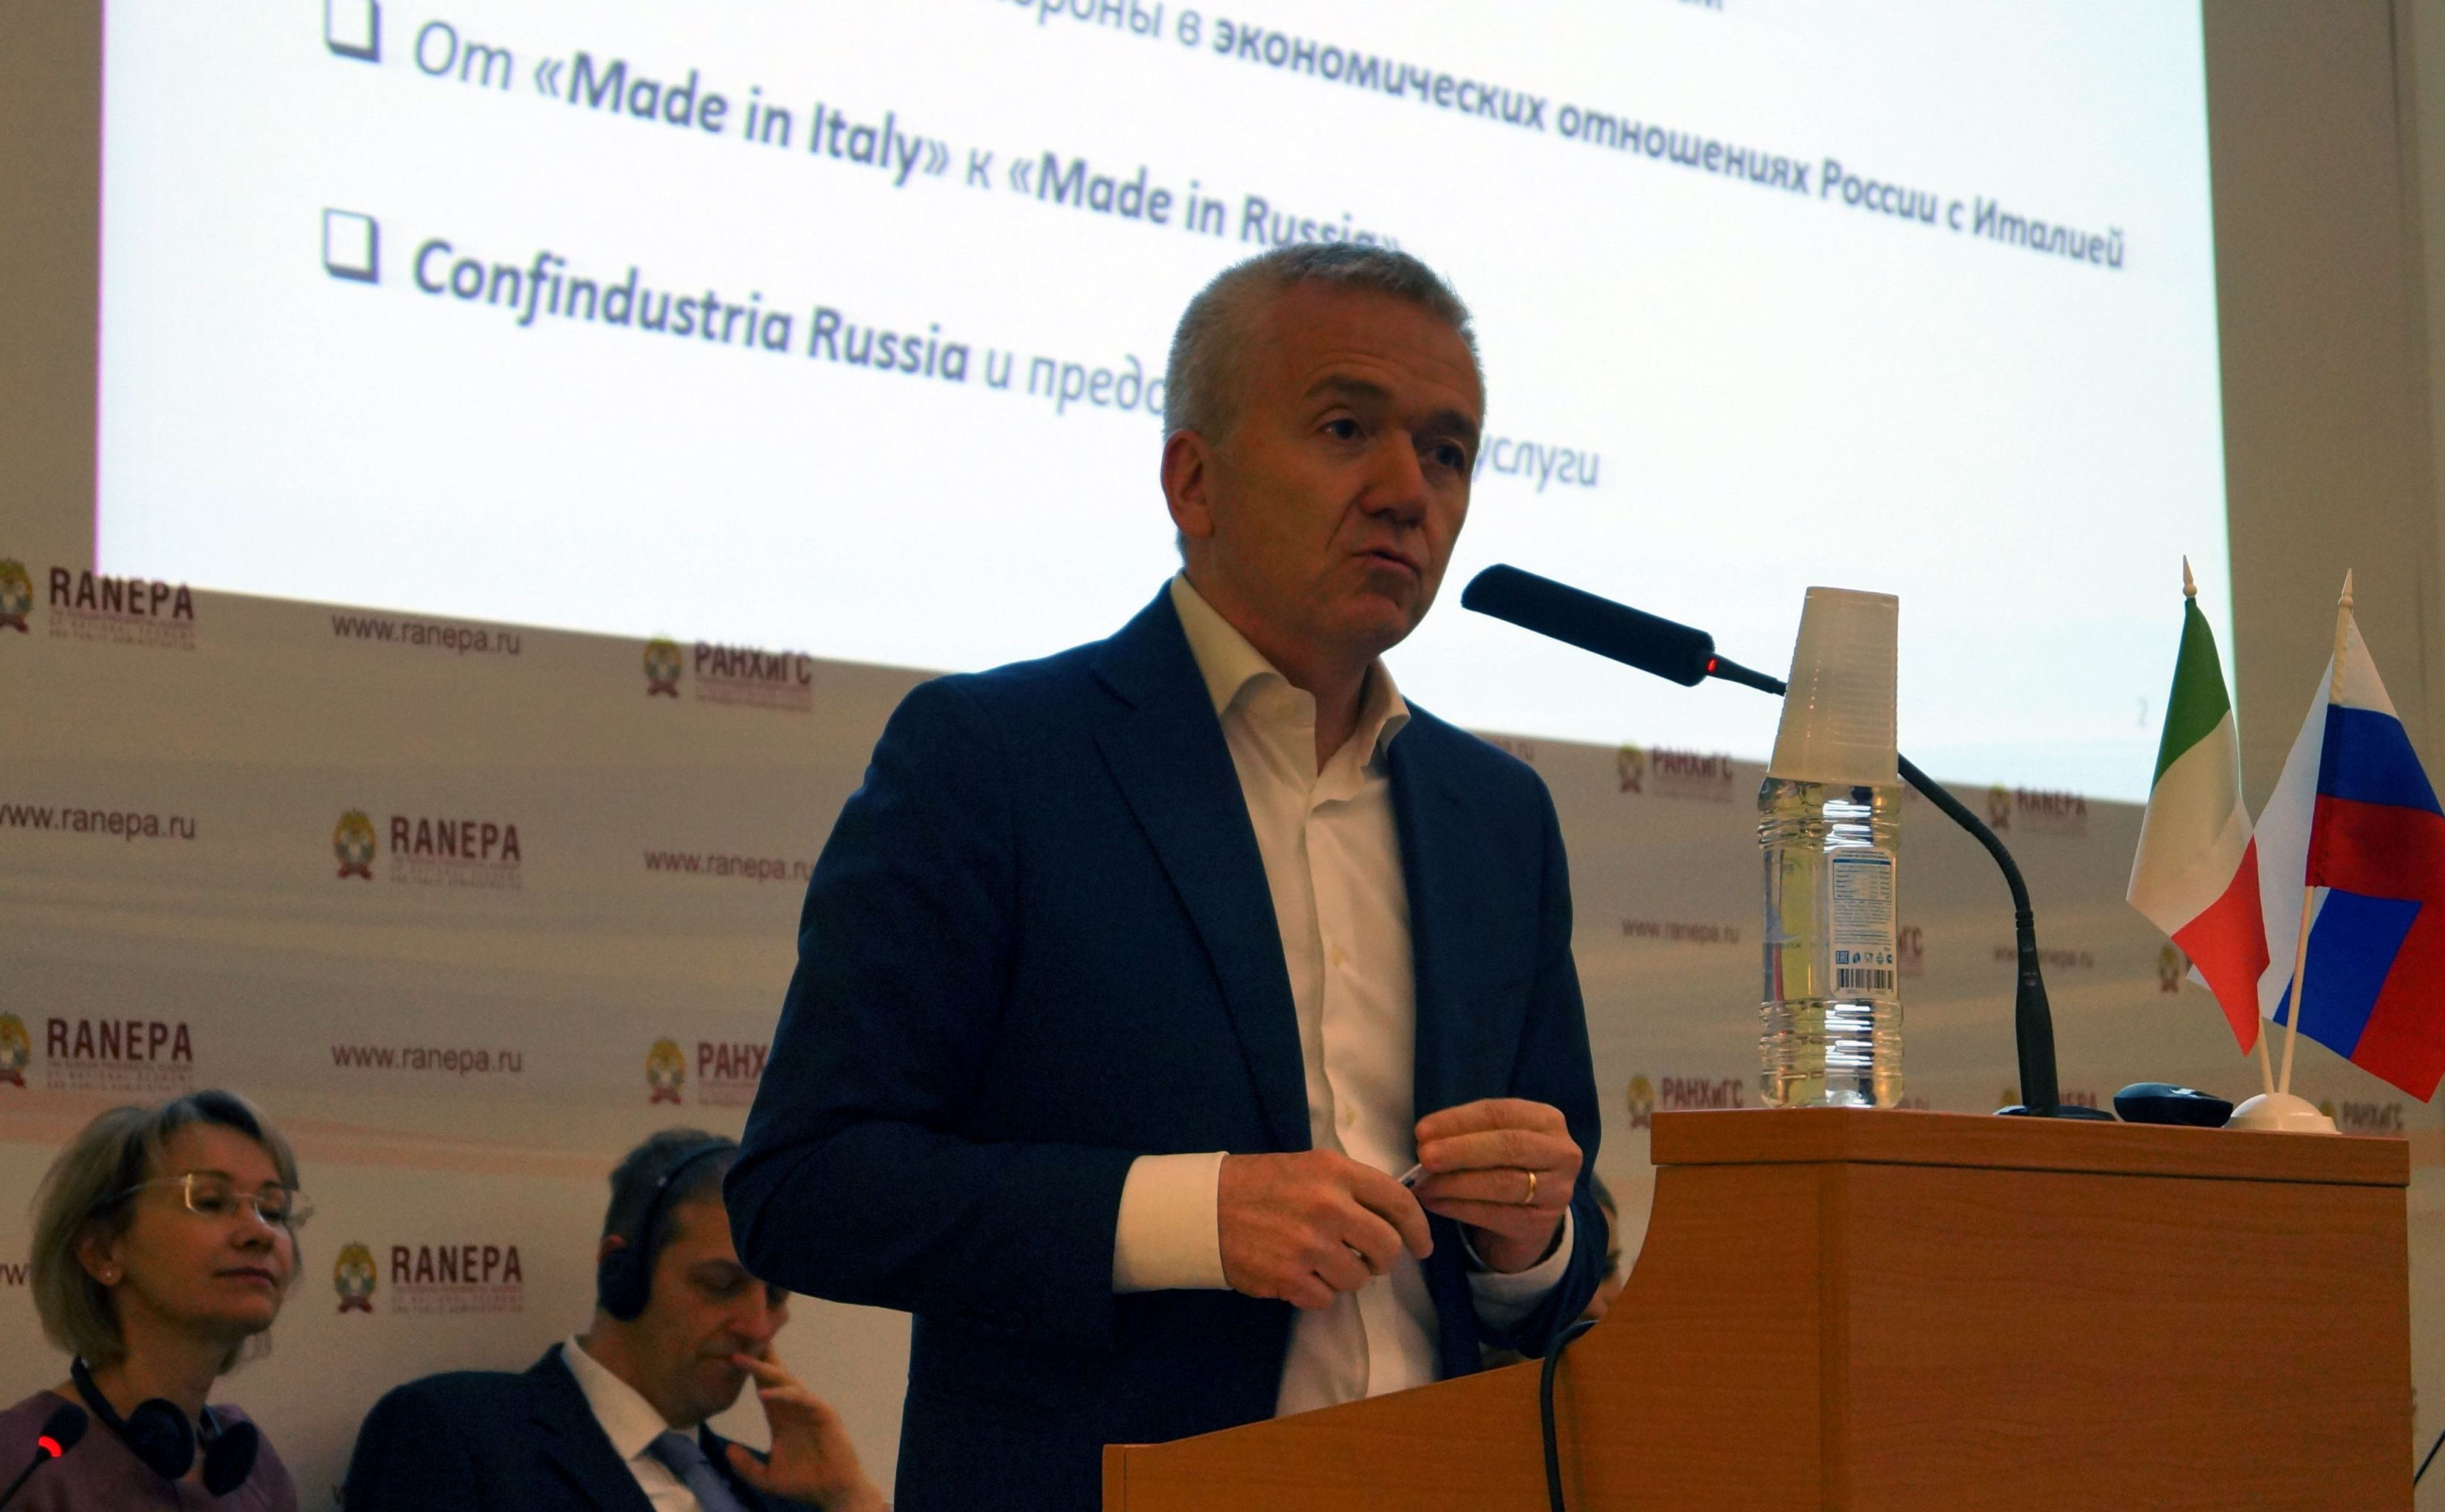 """Ernesto Ferlenghi, presidente di Confindustria Russia, durante il suo intervento alla conferenza Il Segreto del Successo, lo sviluppo dei progetti italiani in Russia"""""""